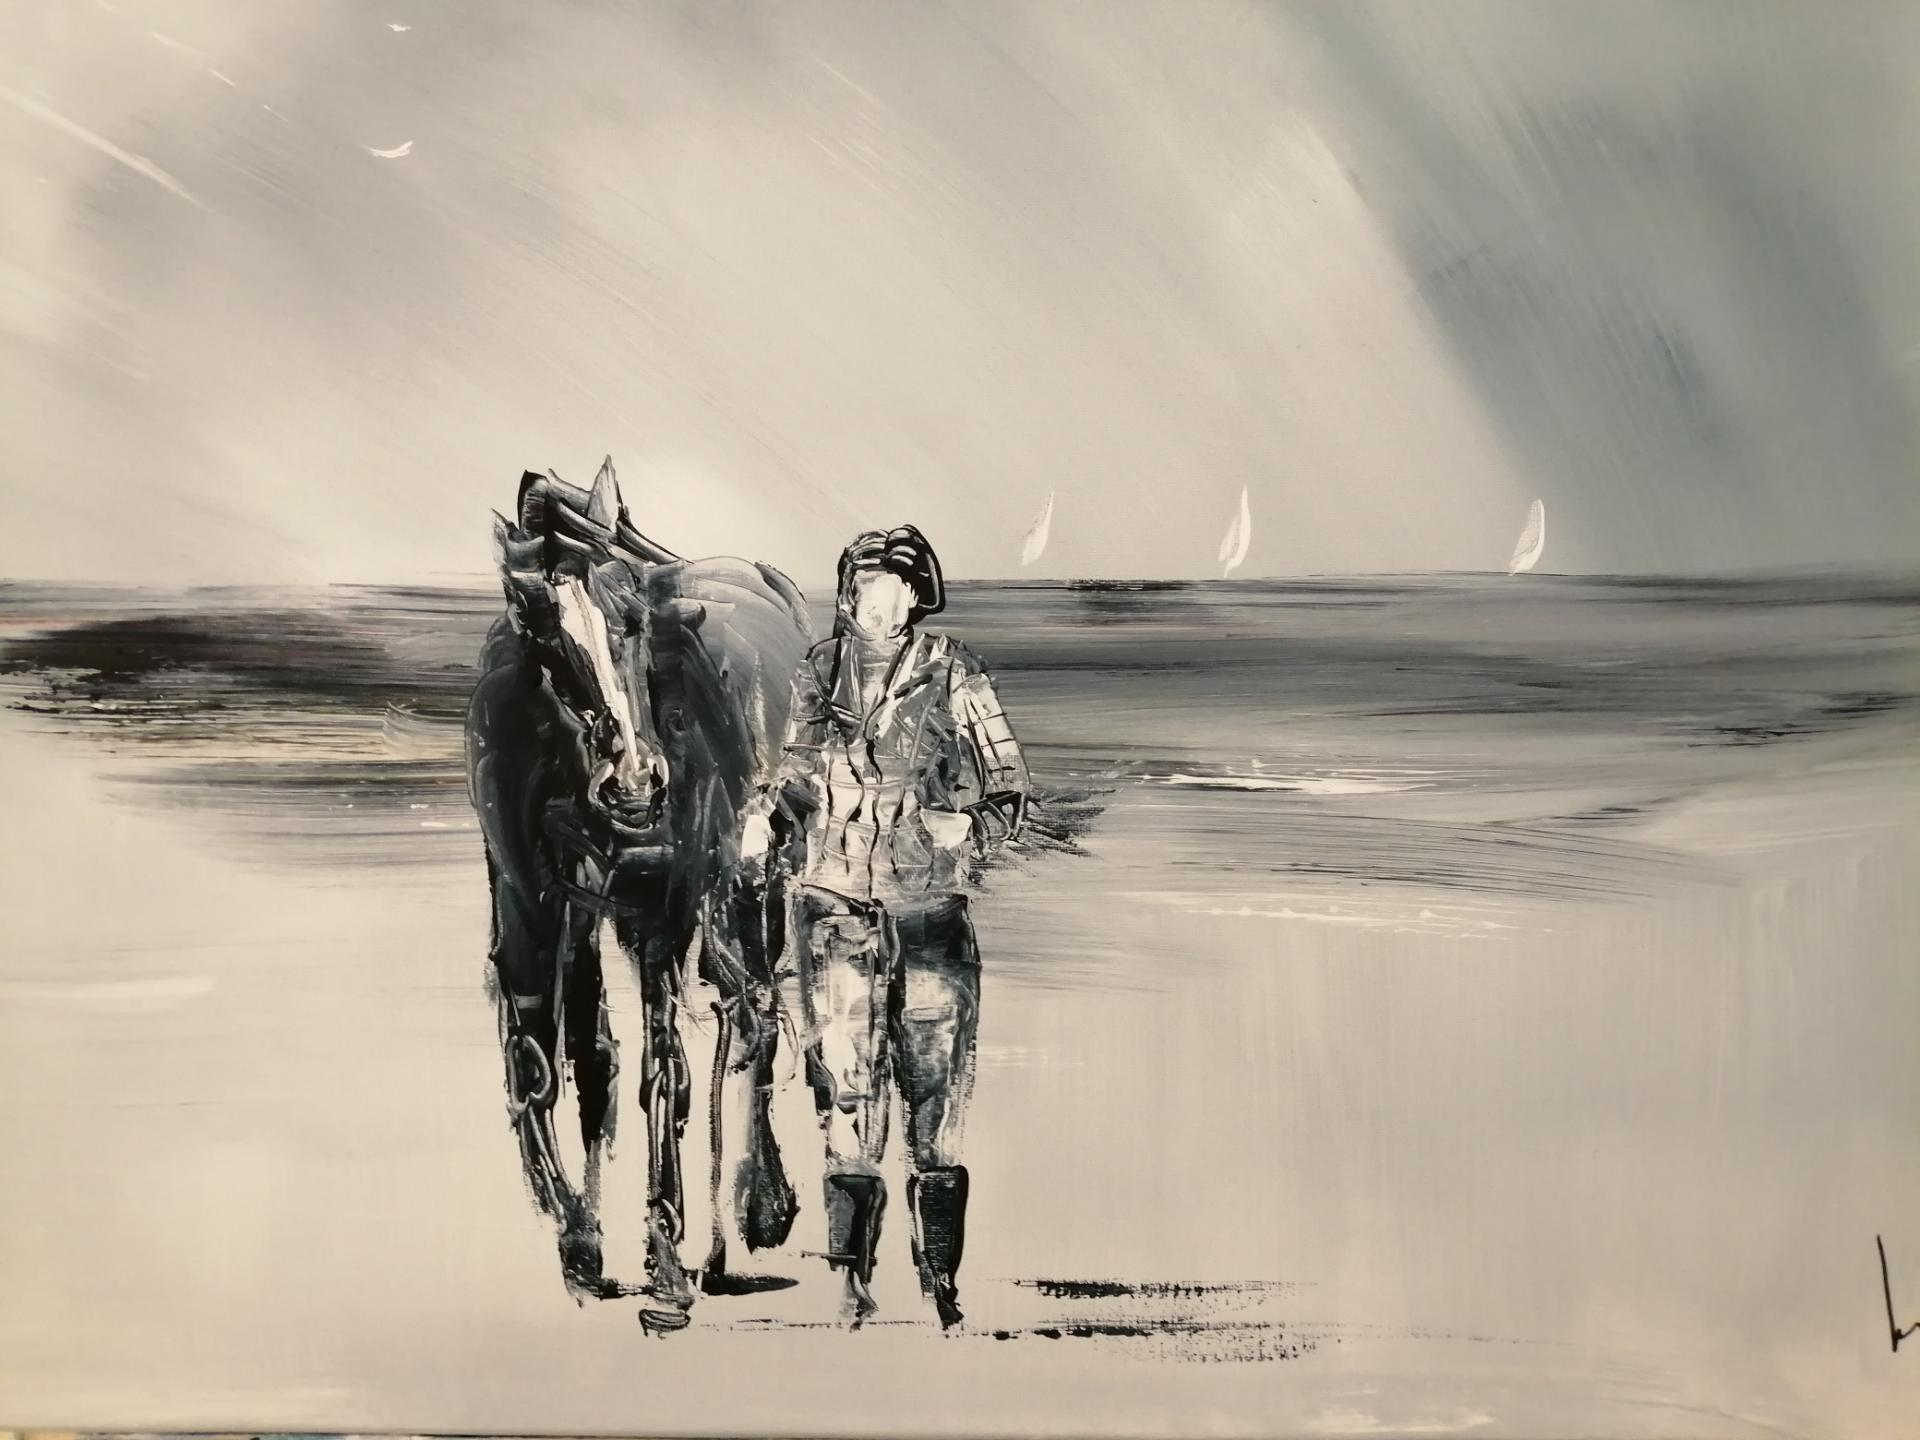 promener son cheval sur une plage de la côte d'Opâle